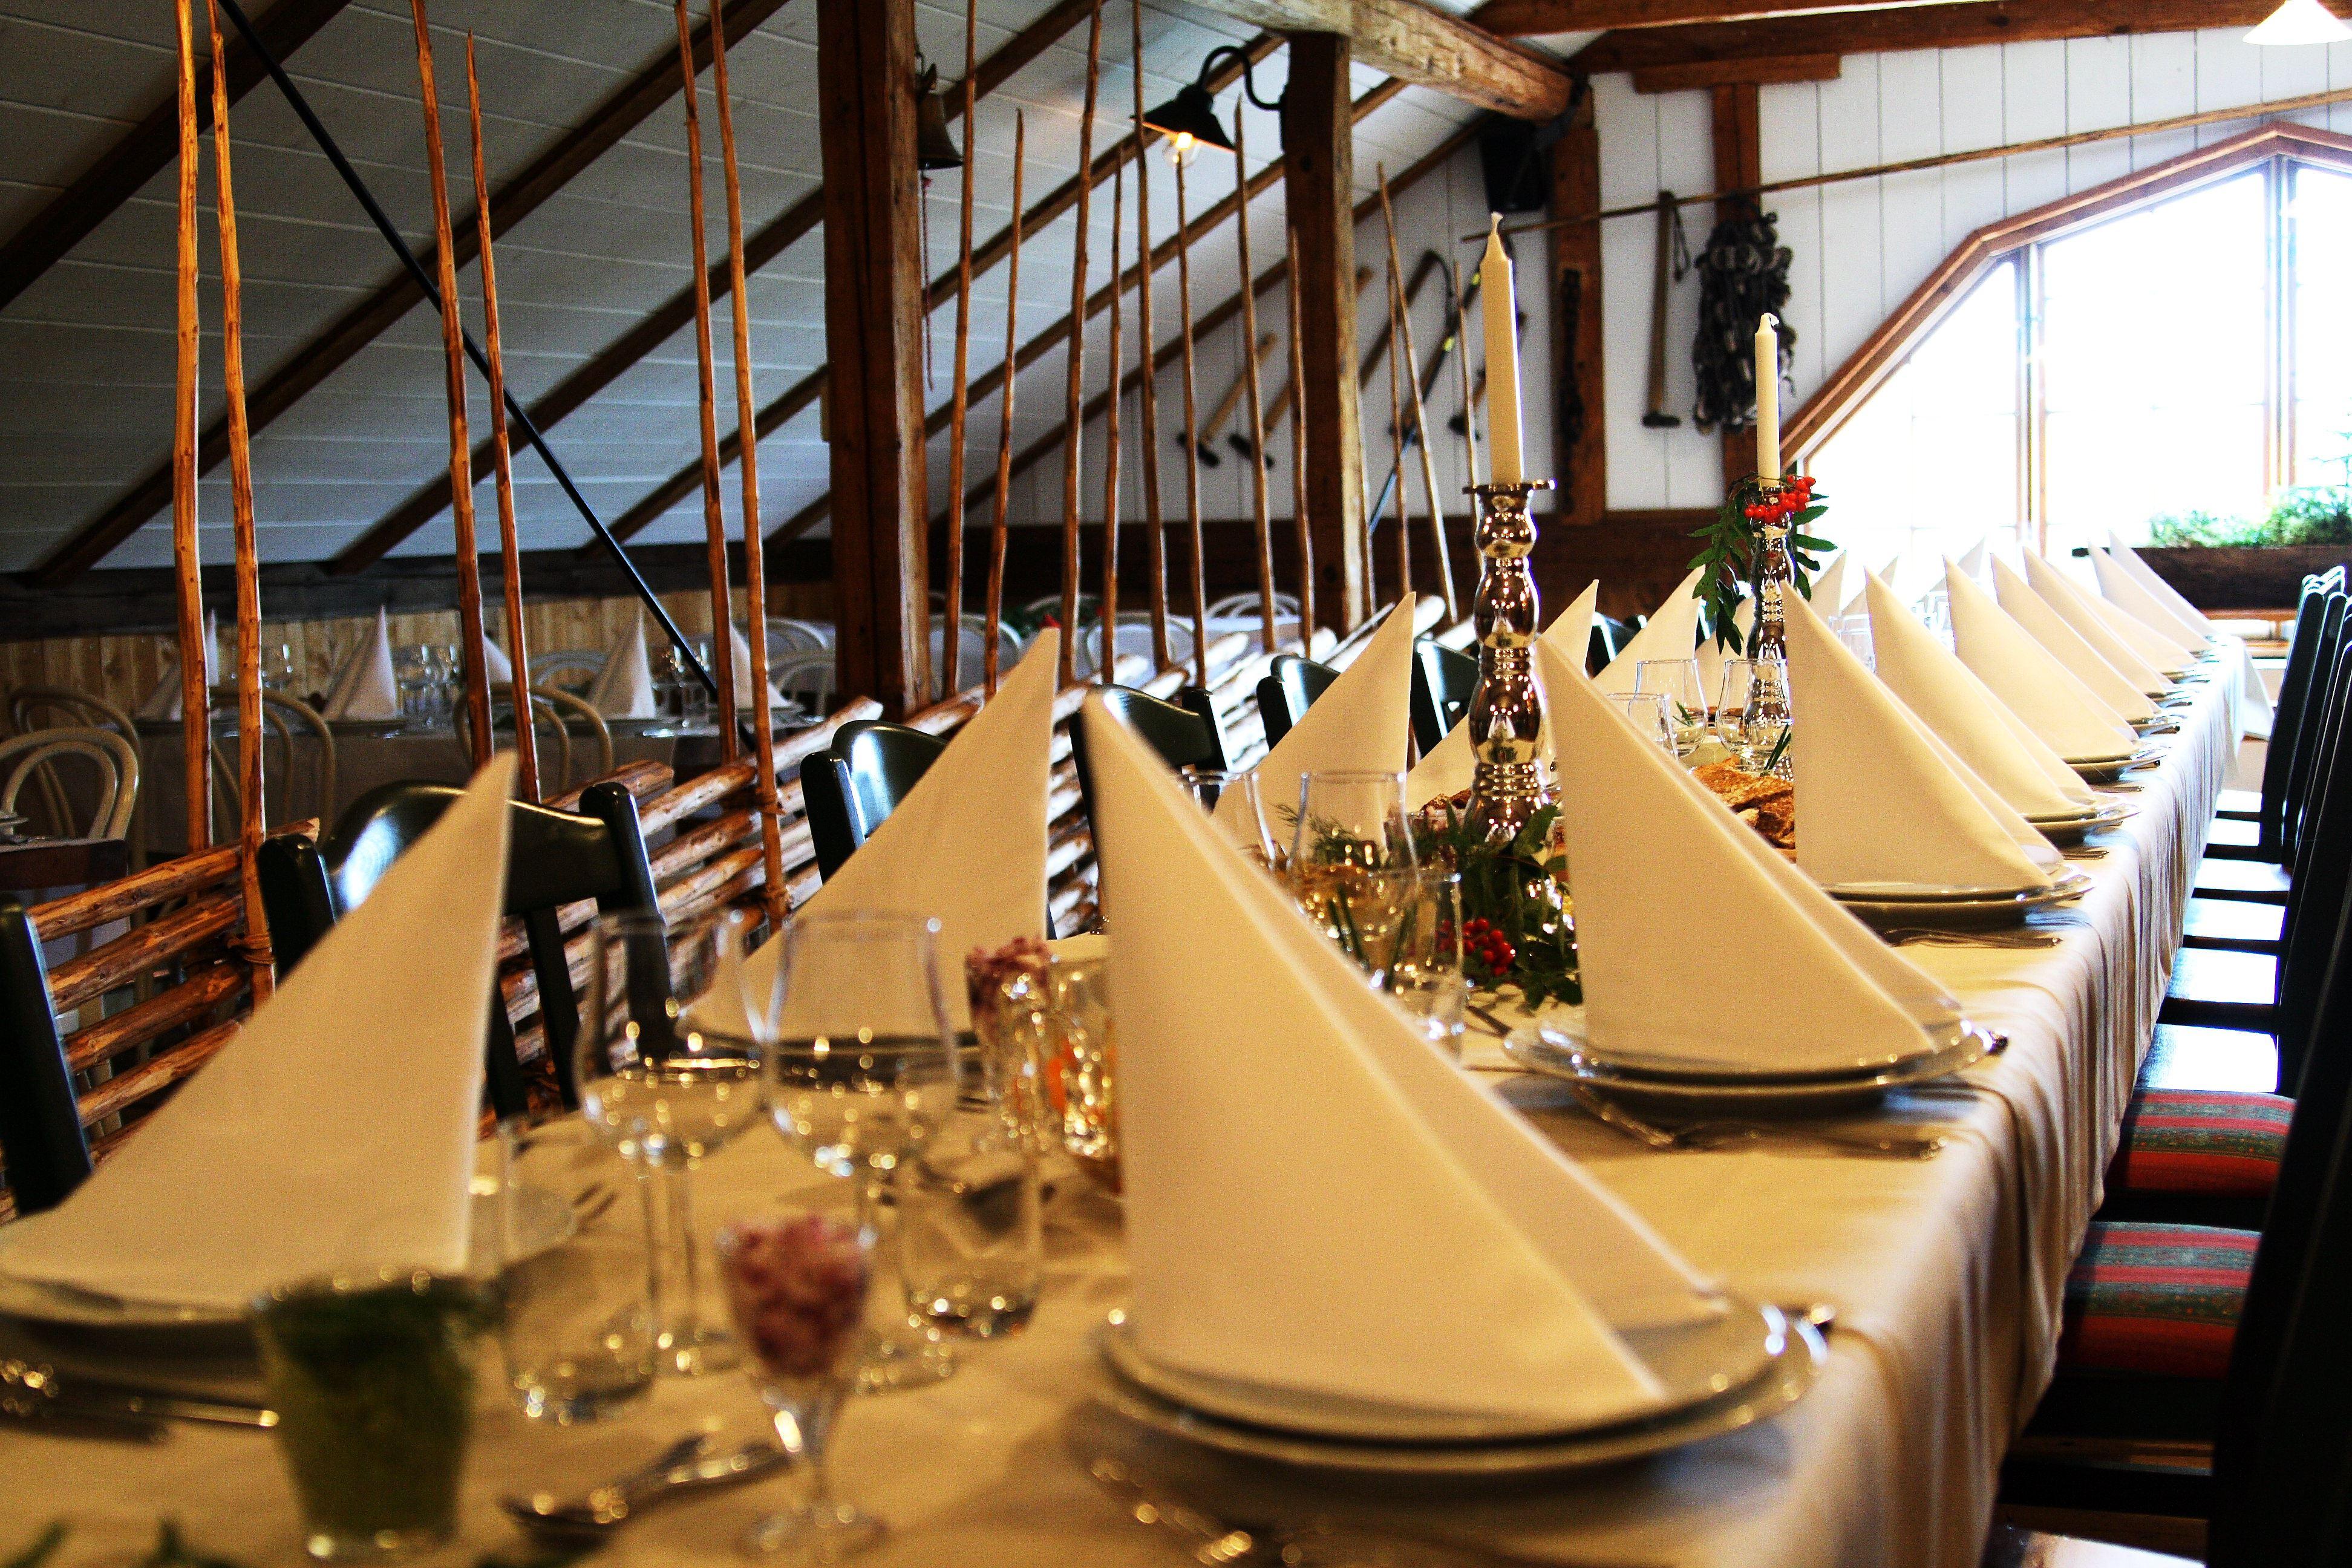 Kungsholmen Restaurang & Konferens